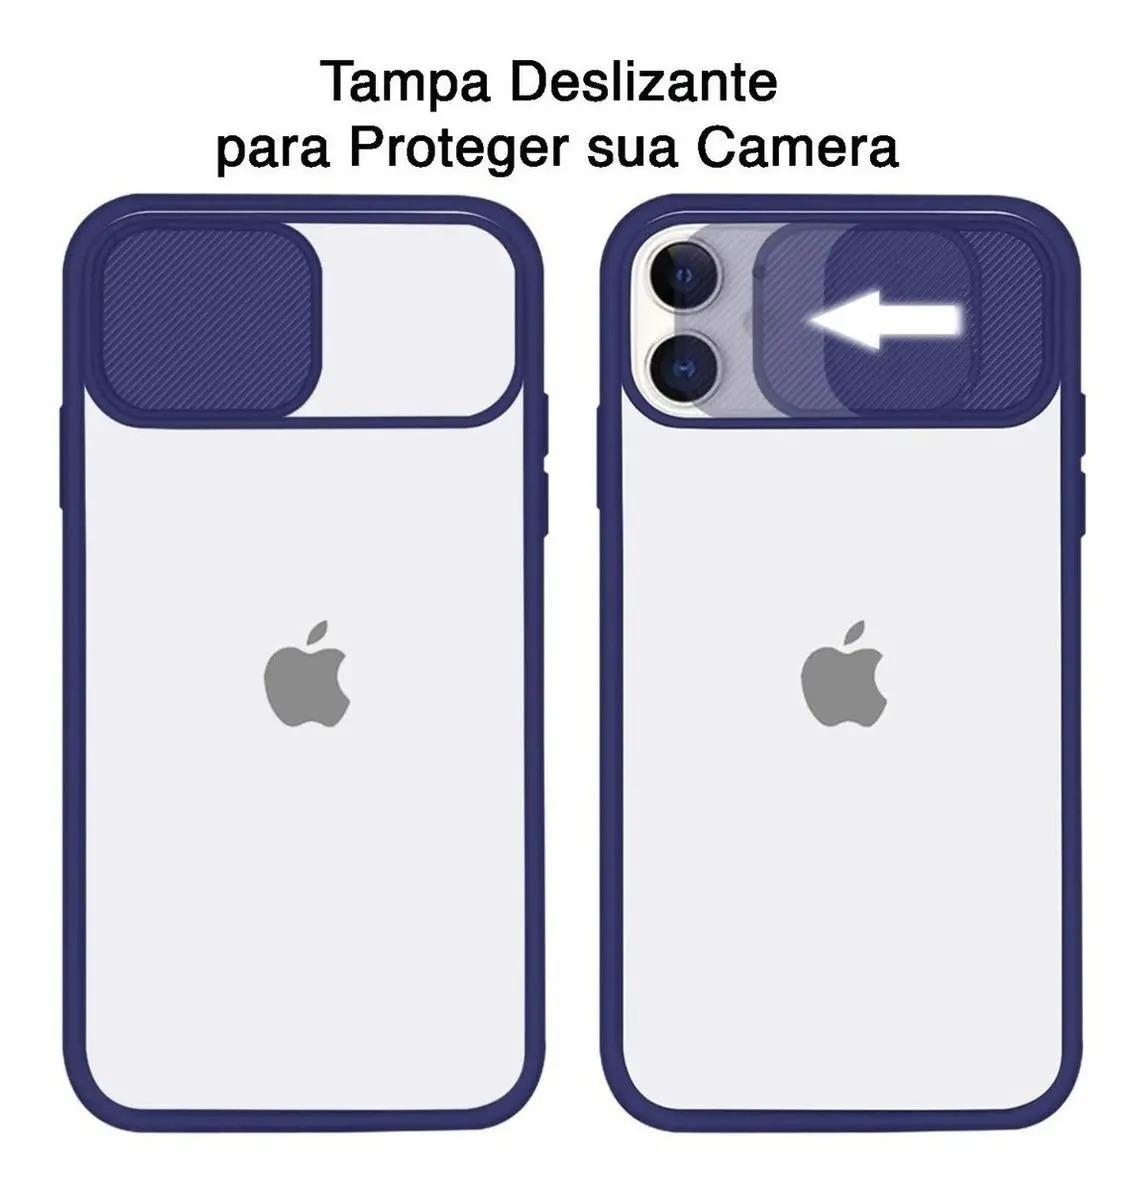 Capa Com Proteção Para Câmera Verde Claro Compatível com iPhone 11 Pro